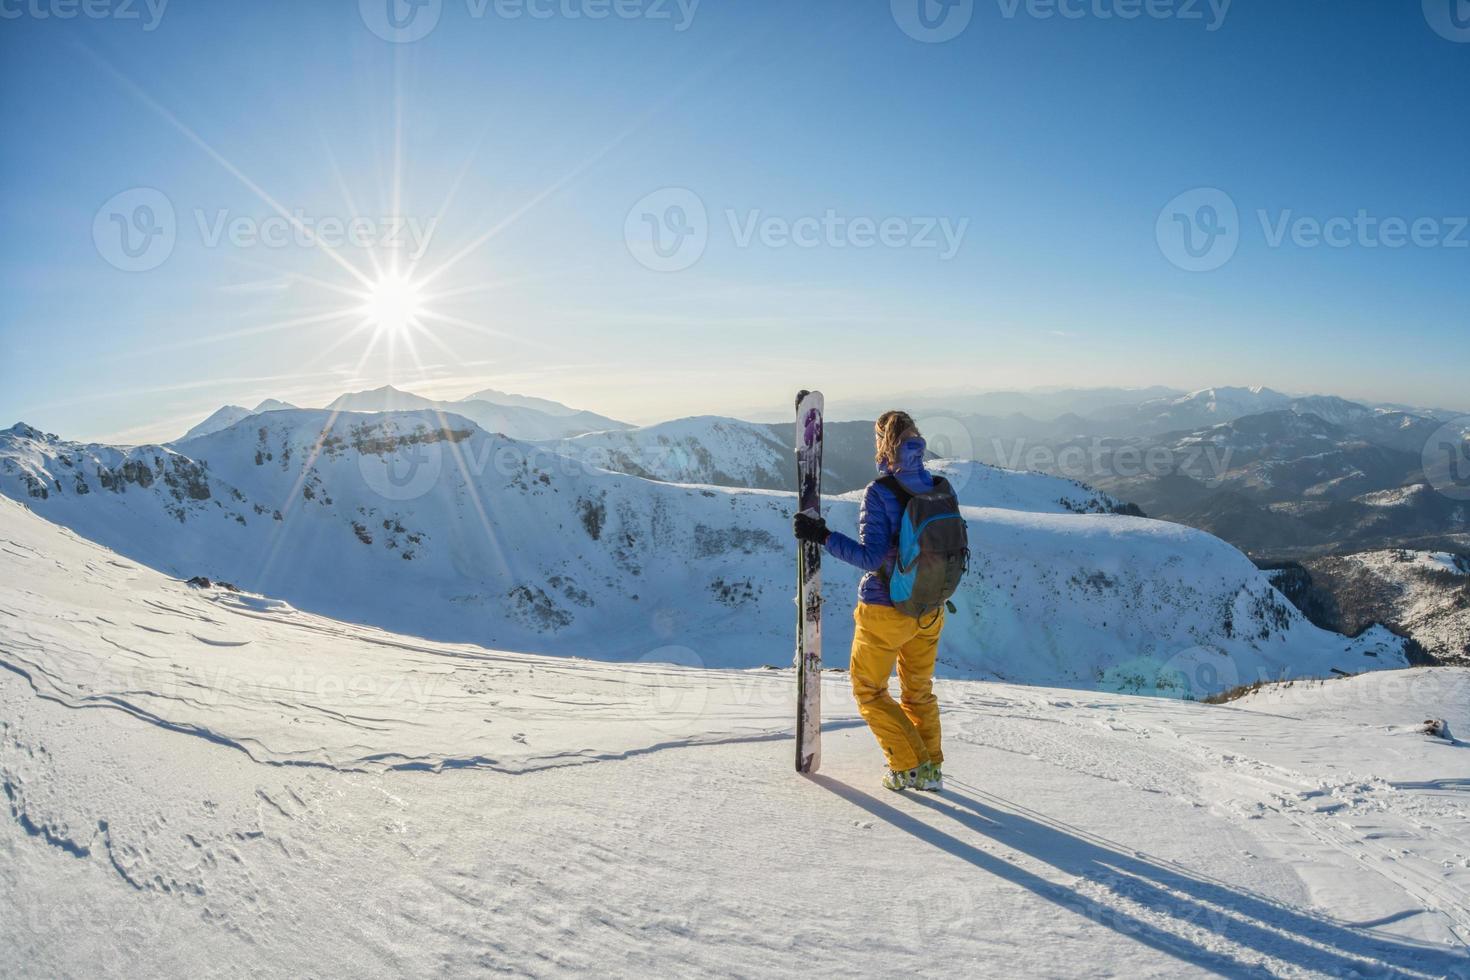 esquiador contemplando a vista por do sol do topo da montanha de neve foto